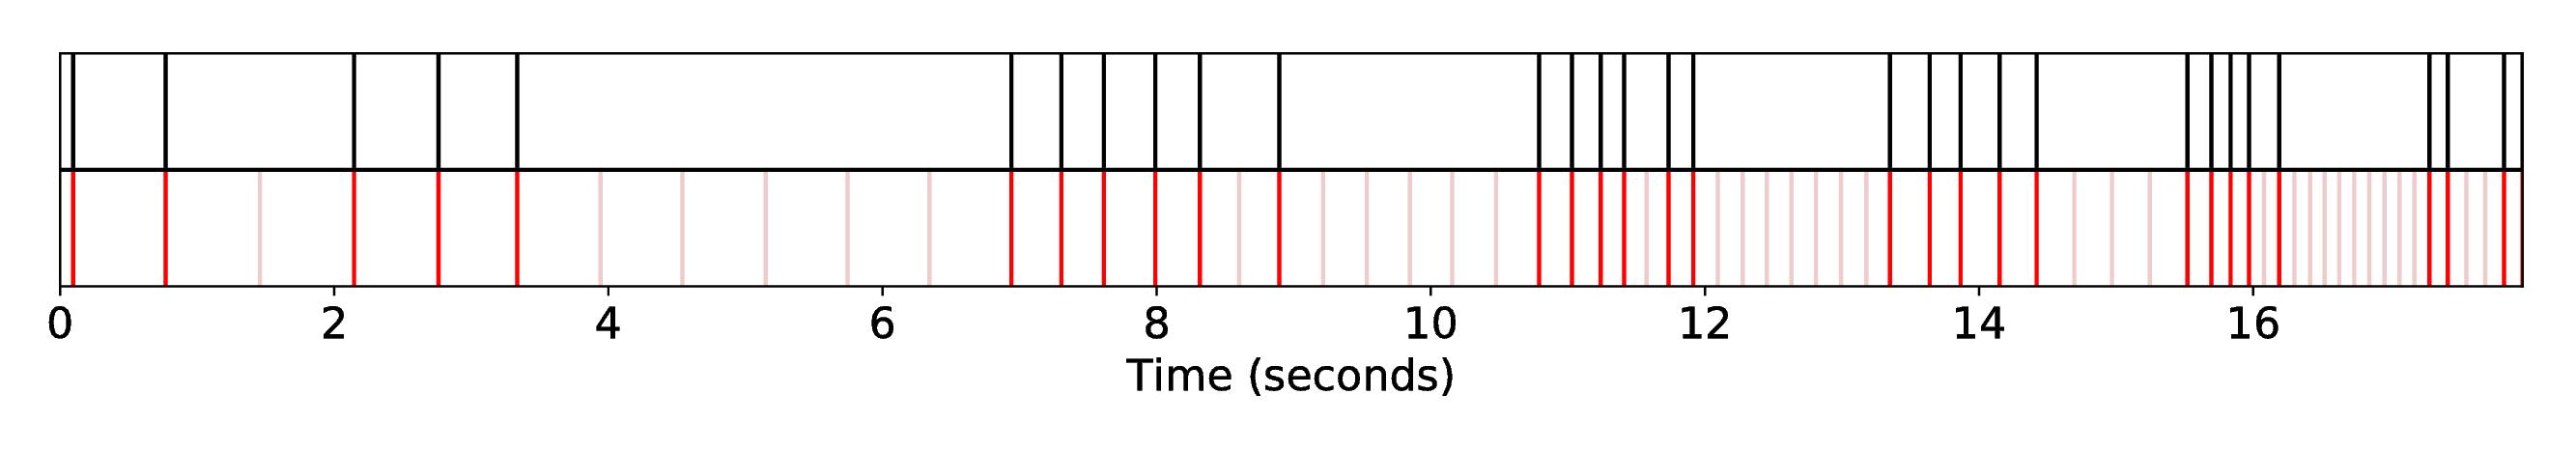 DP1_INT1_R-Syn-InIrGa__S-Bach__SequenceAlignment